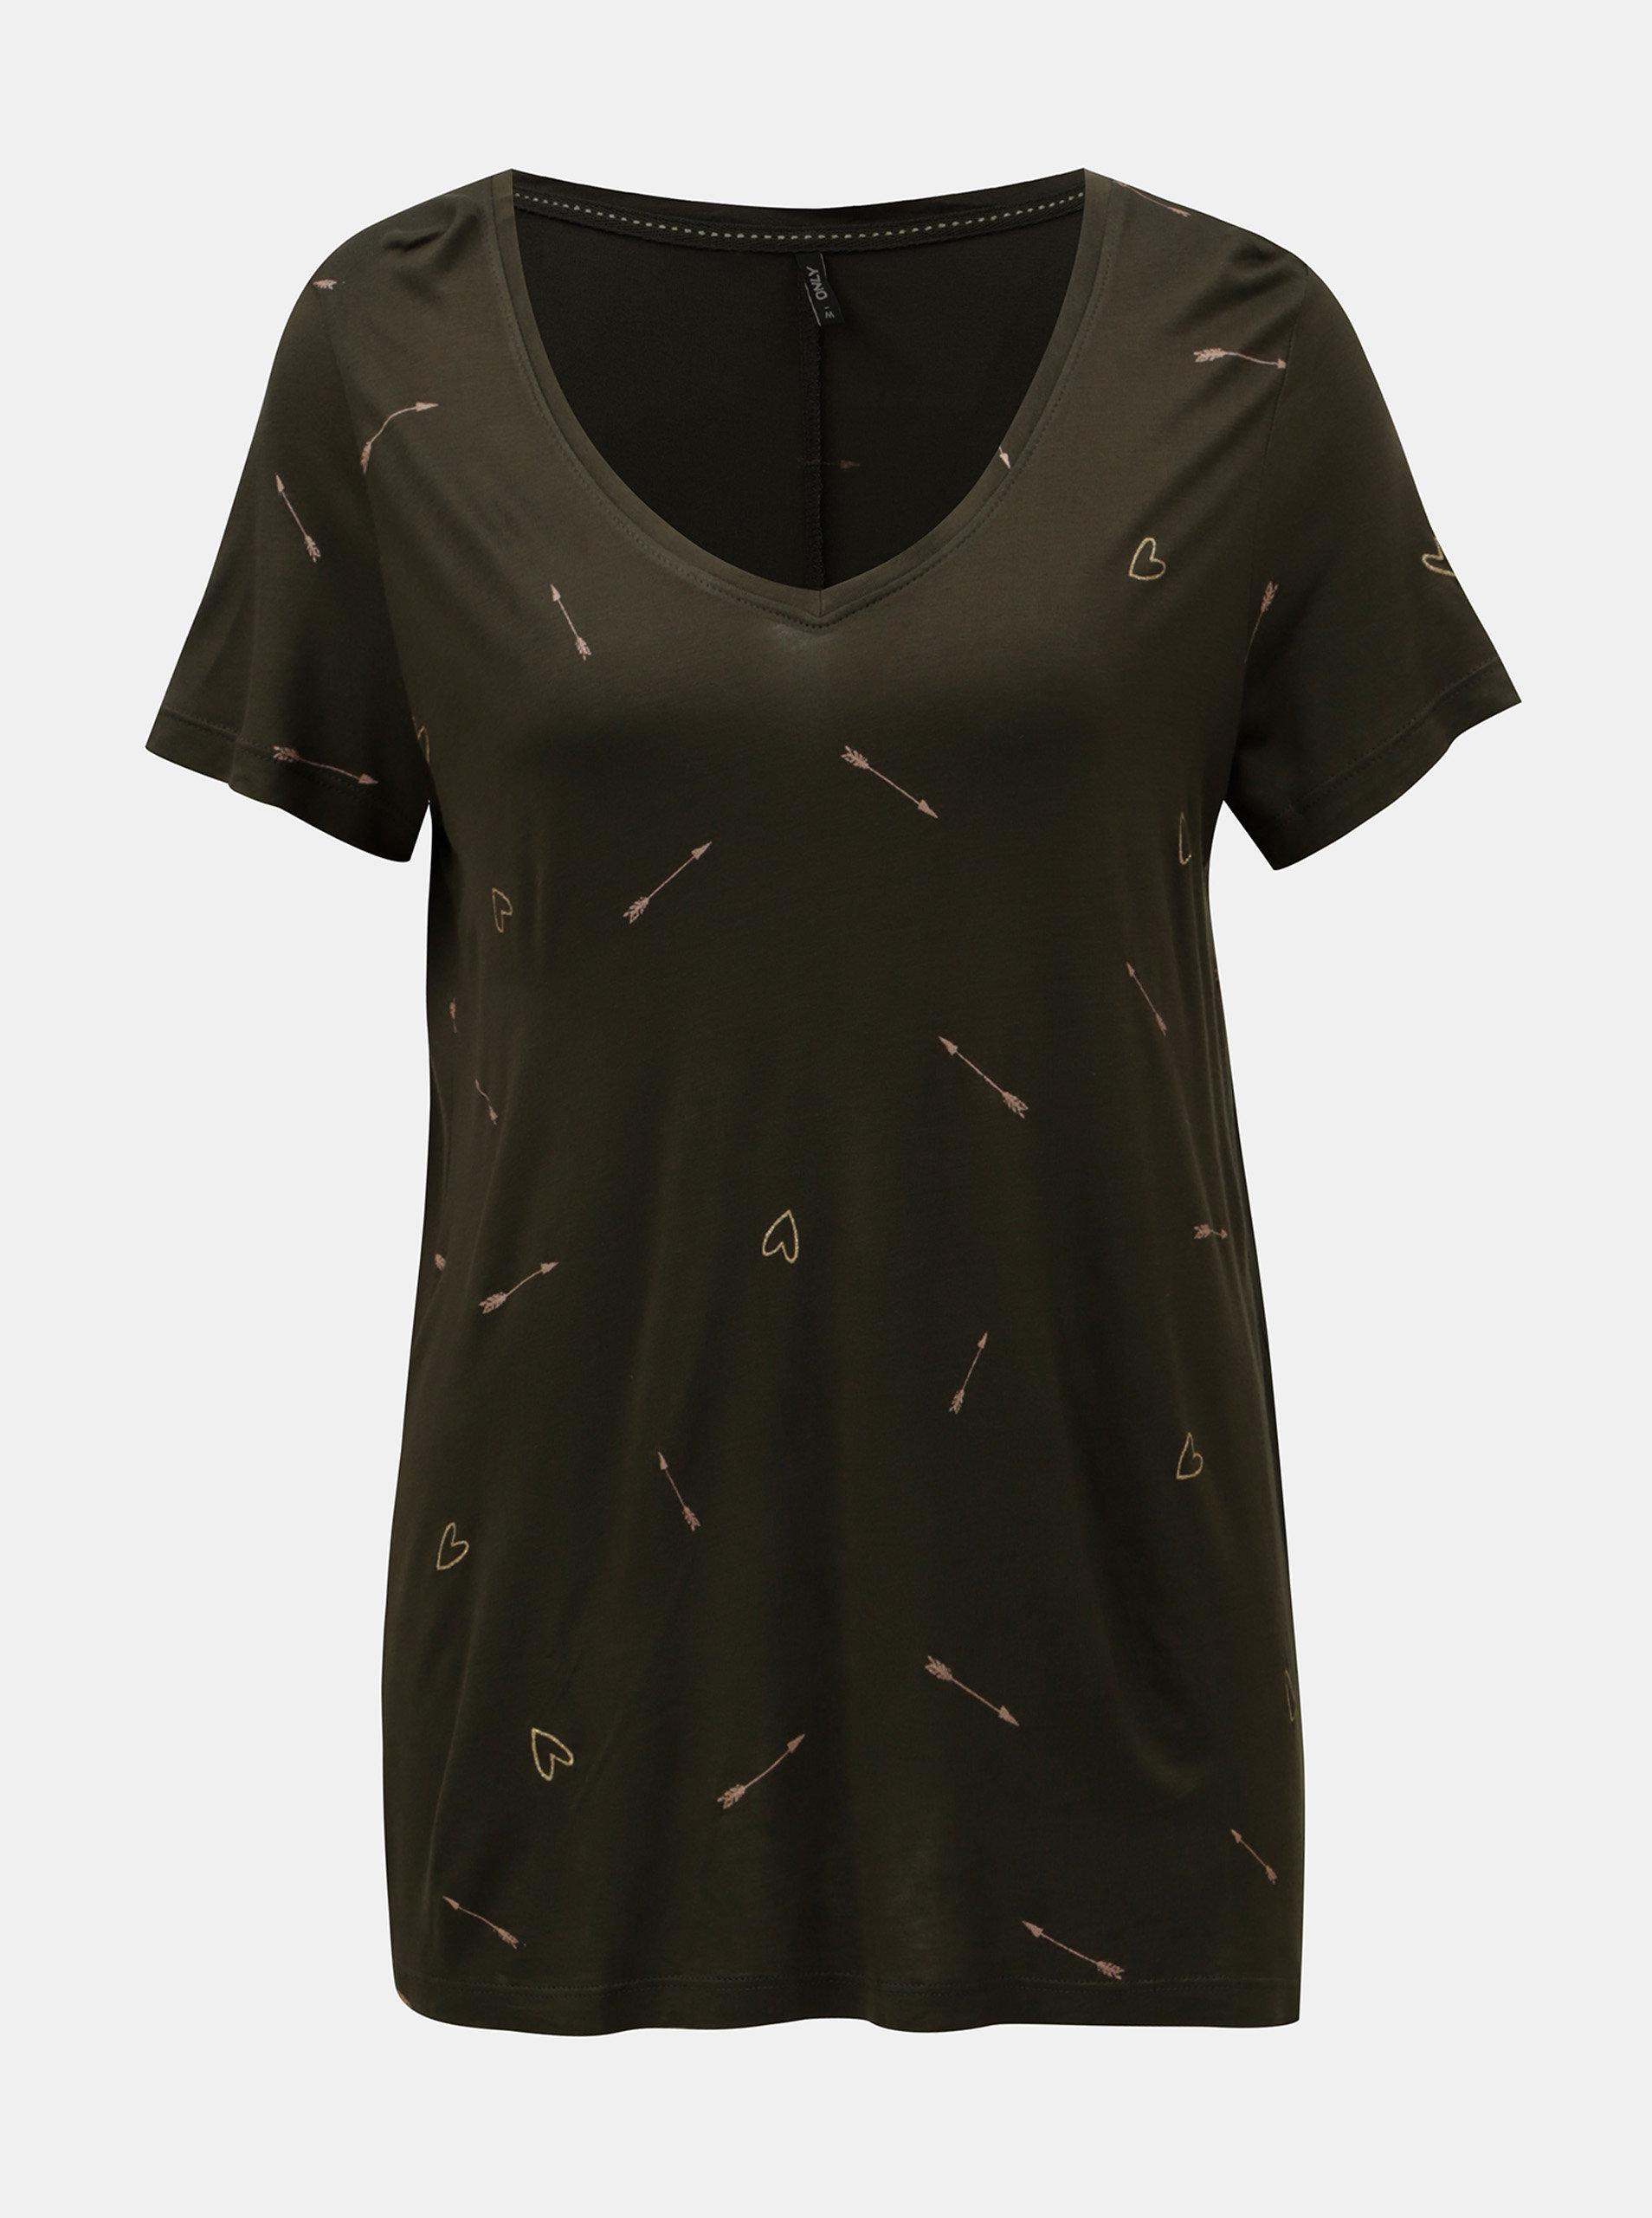 Tmavě zelené volné tričko s motivem srdcí a šípů ONLY Sabel